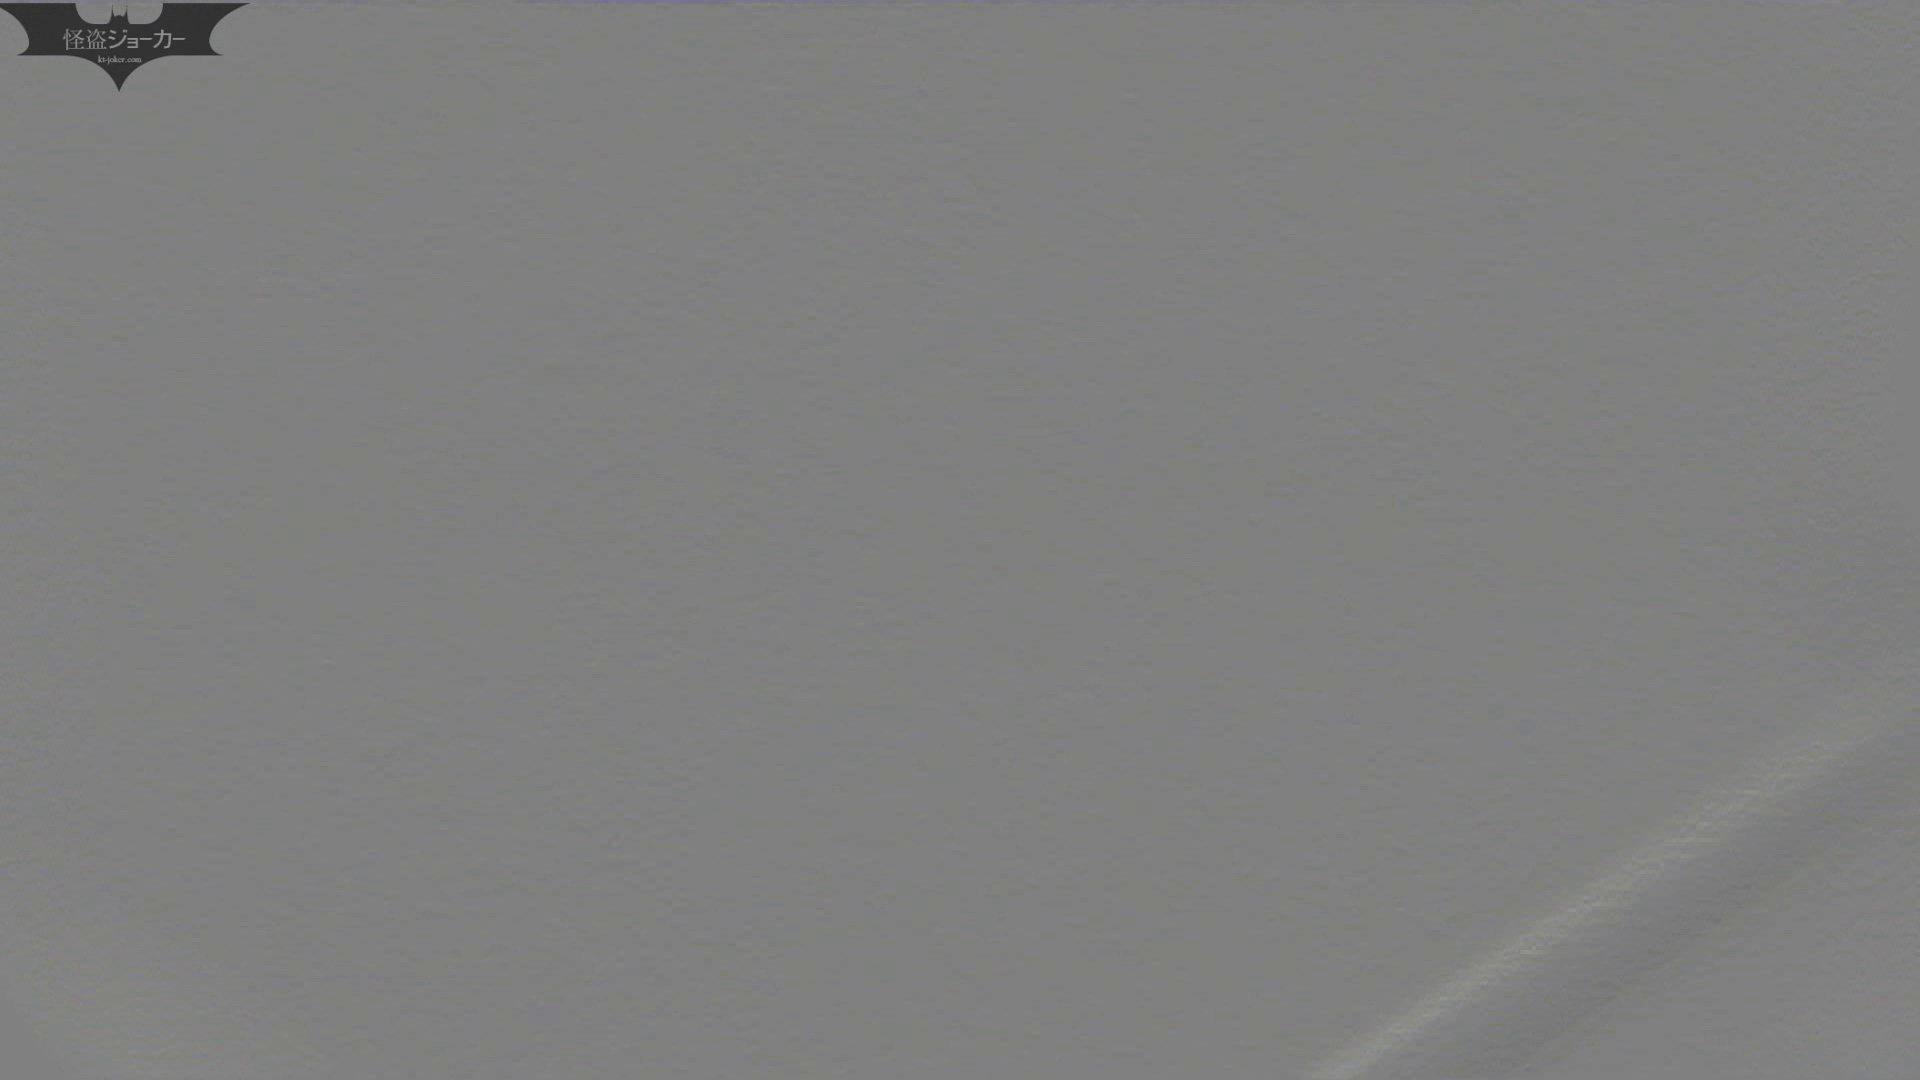 【美しき個室な世界】洗面所特攻隊 vol.046 更に進化【2015・07位】 盛合せ オマンコ動画キャプチャ 96枚 75